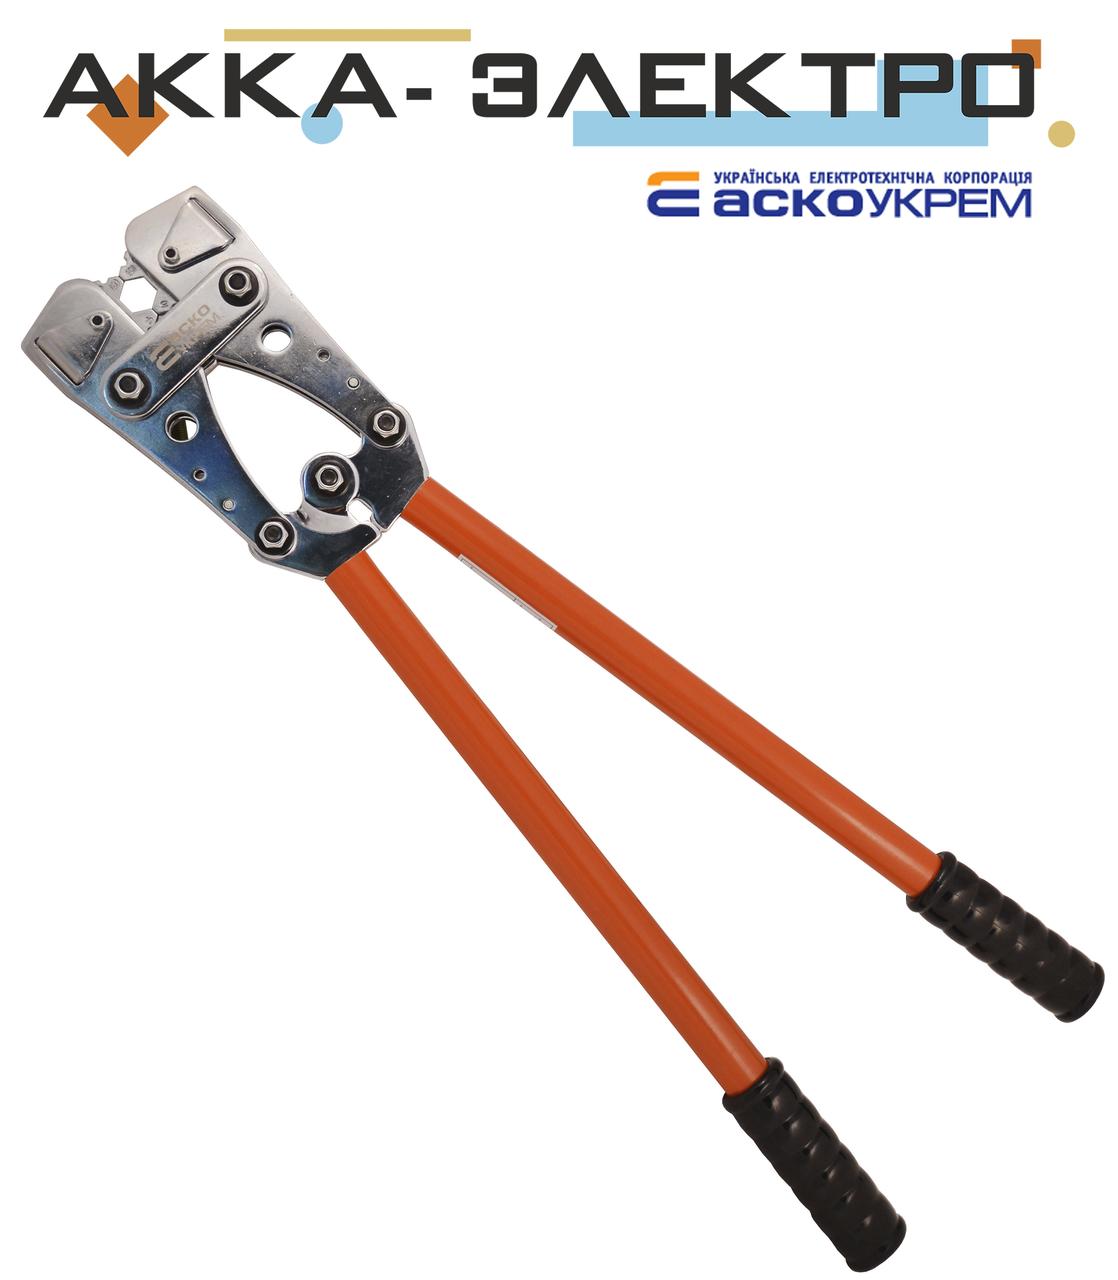 Пресс-клещи механические HX-50B для обжима наконечников и гильз 6-50 мм², АСКО-УКРЕМ